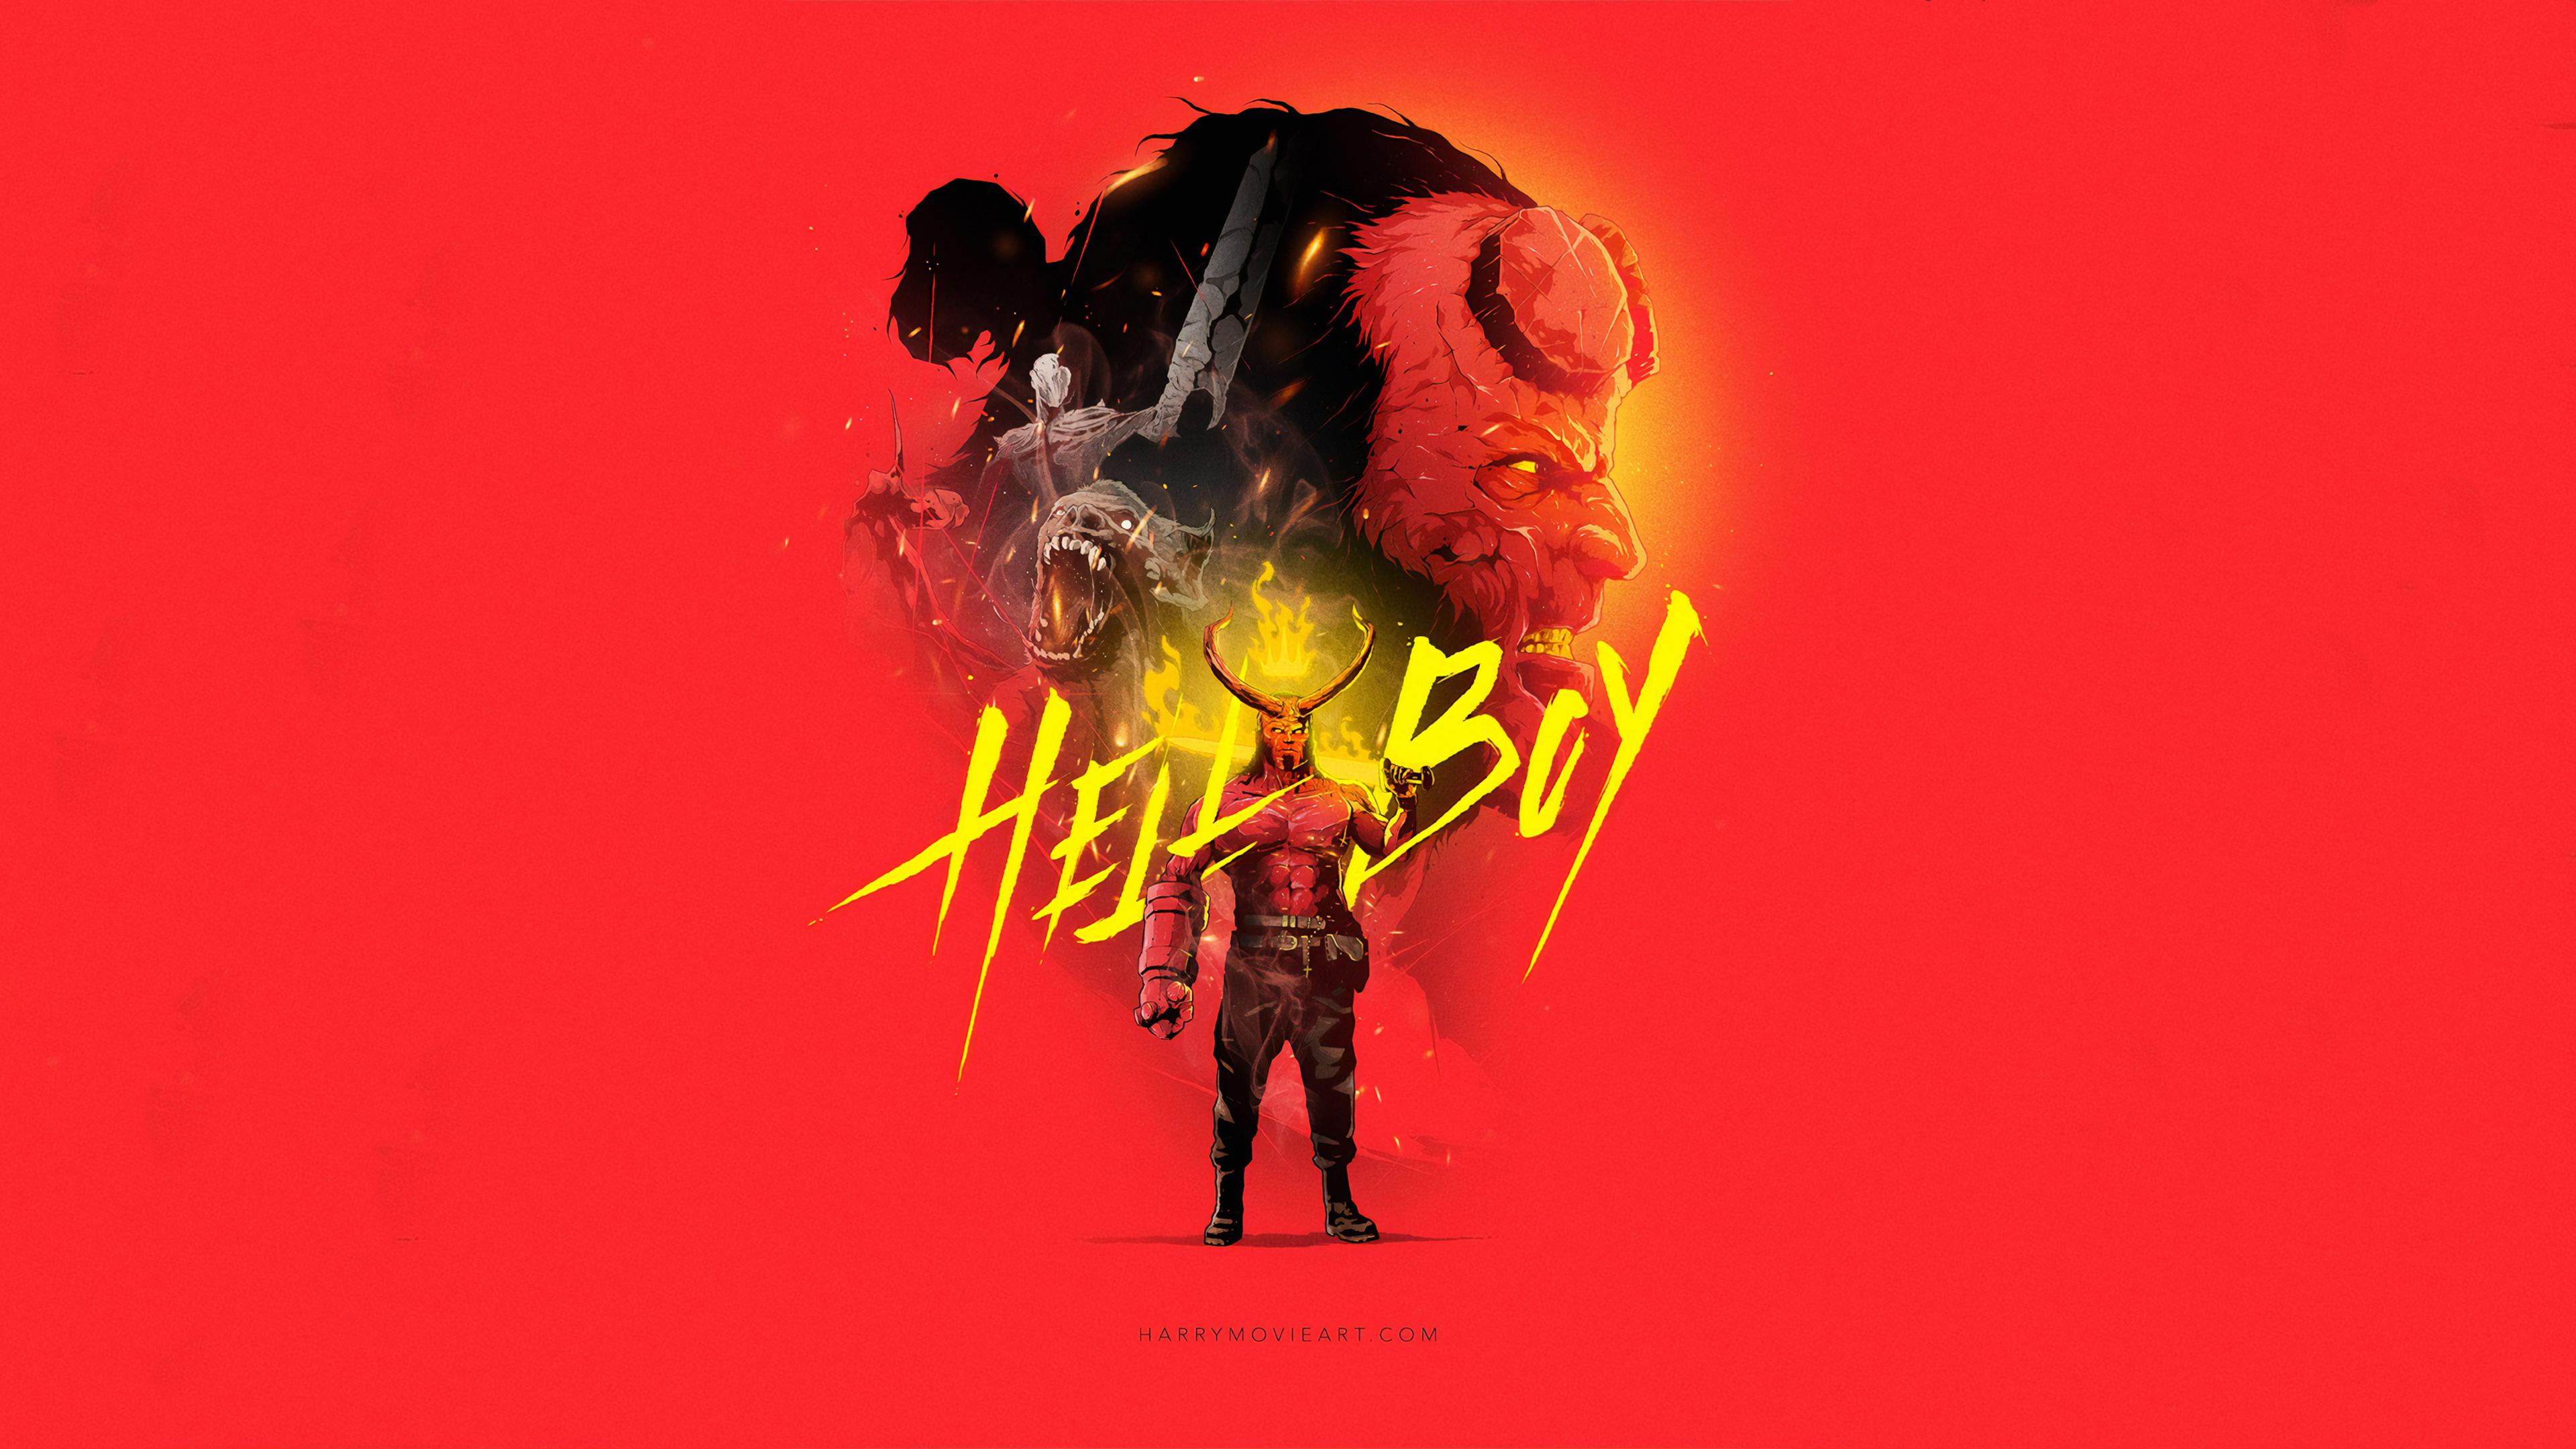 hellboy 2019 art 1570918570 - Hellboy 2019 art - superheroes wallpapers, hellboy wallpapers, hd-wallpapers, digital art wallpapers, artwork wallpapers, art wallpapers, 4k-wallpapers